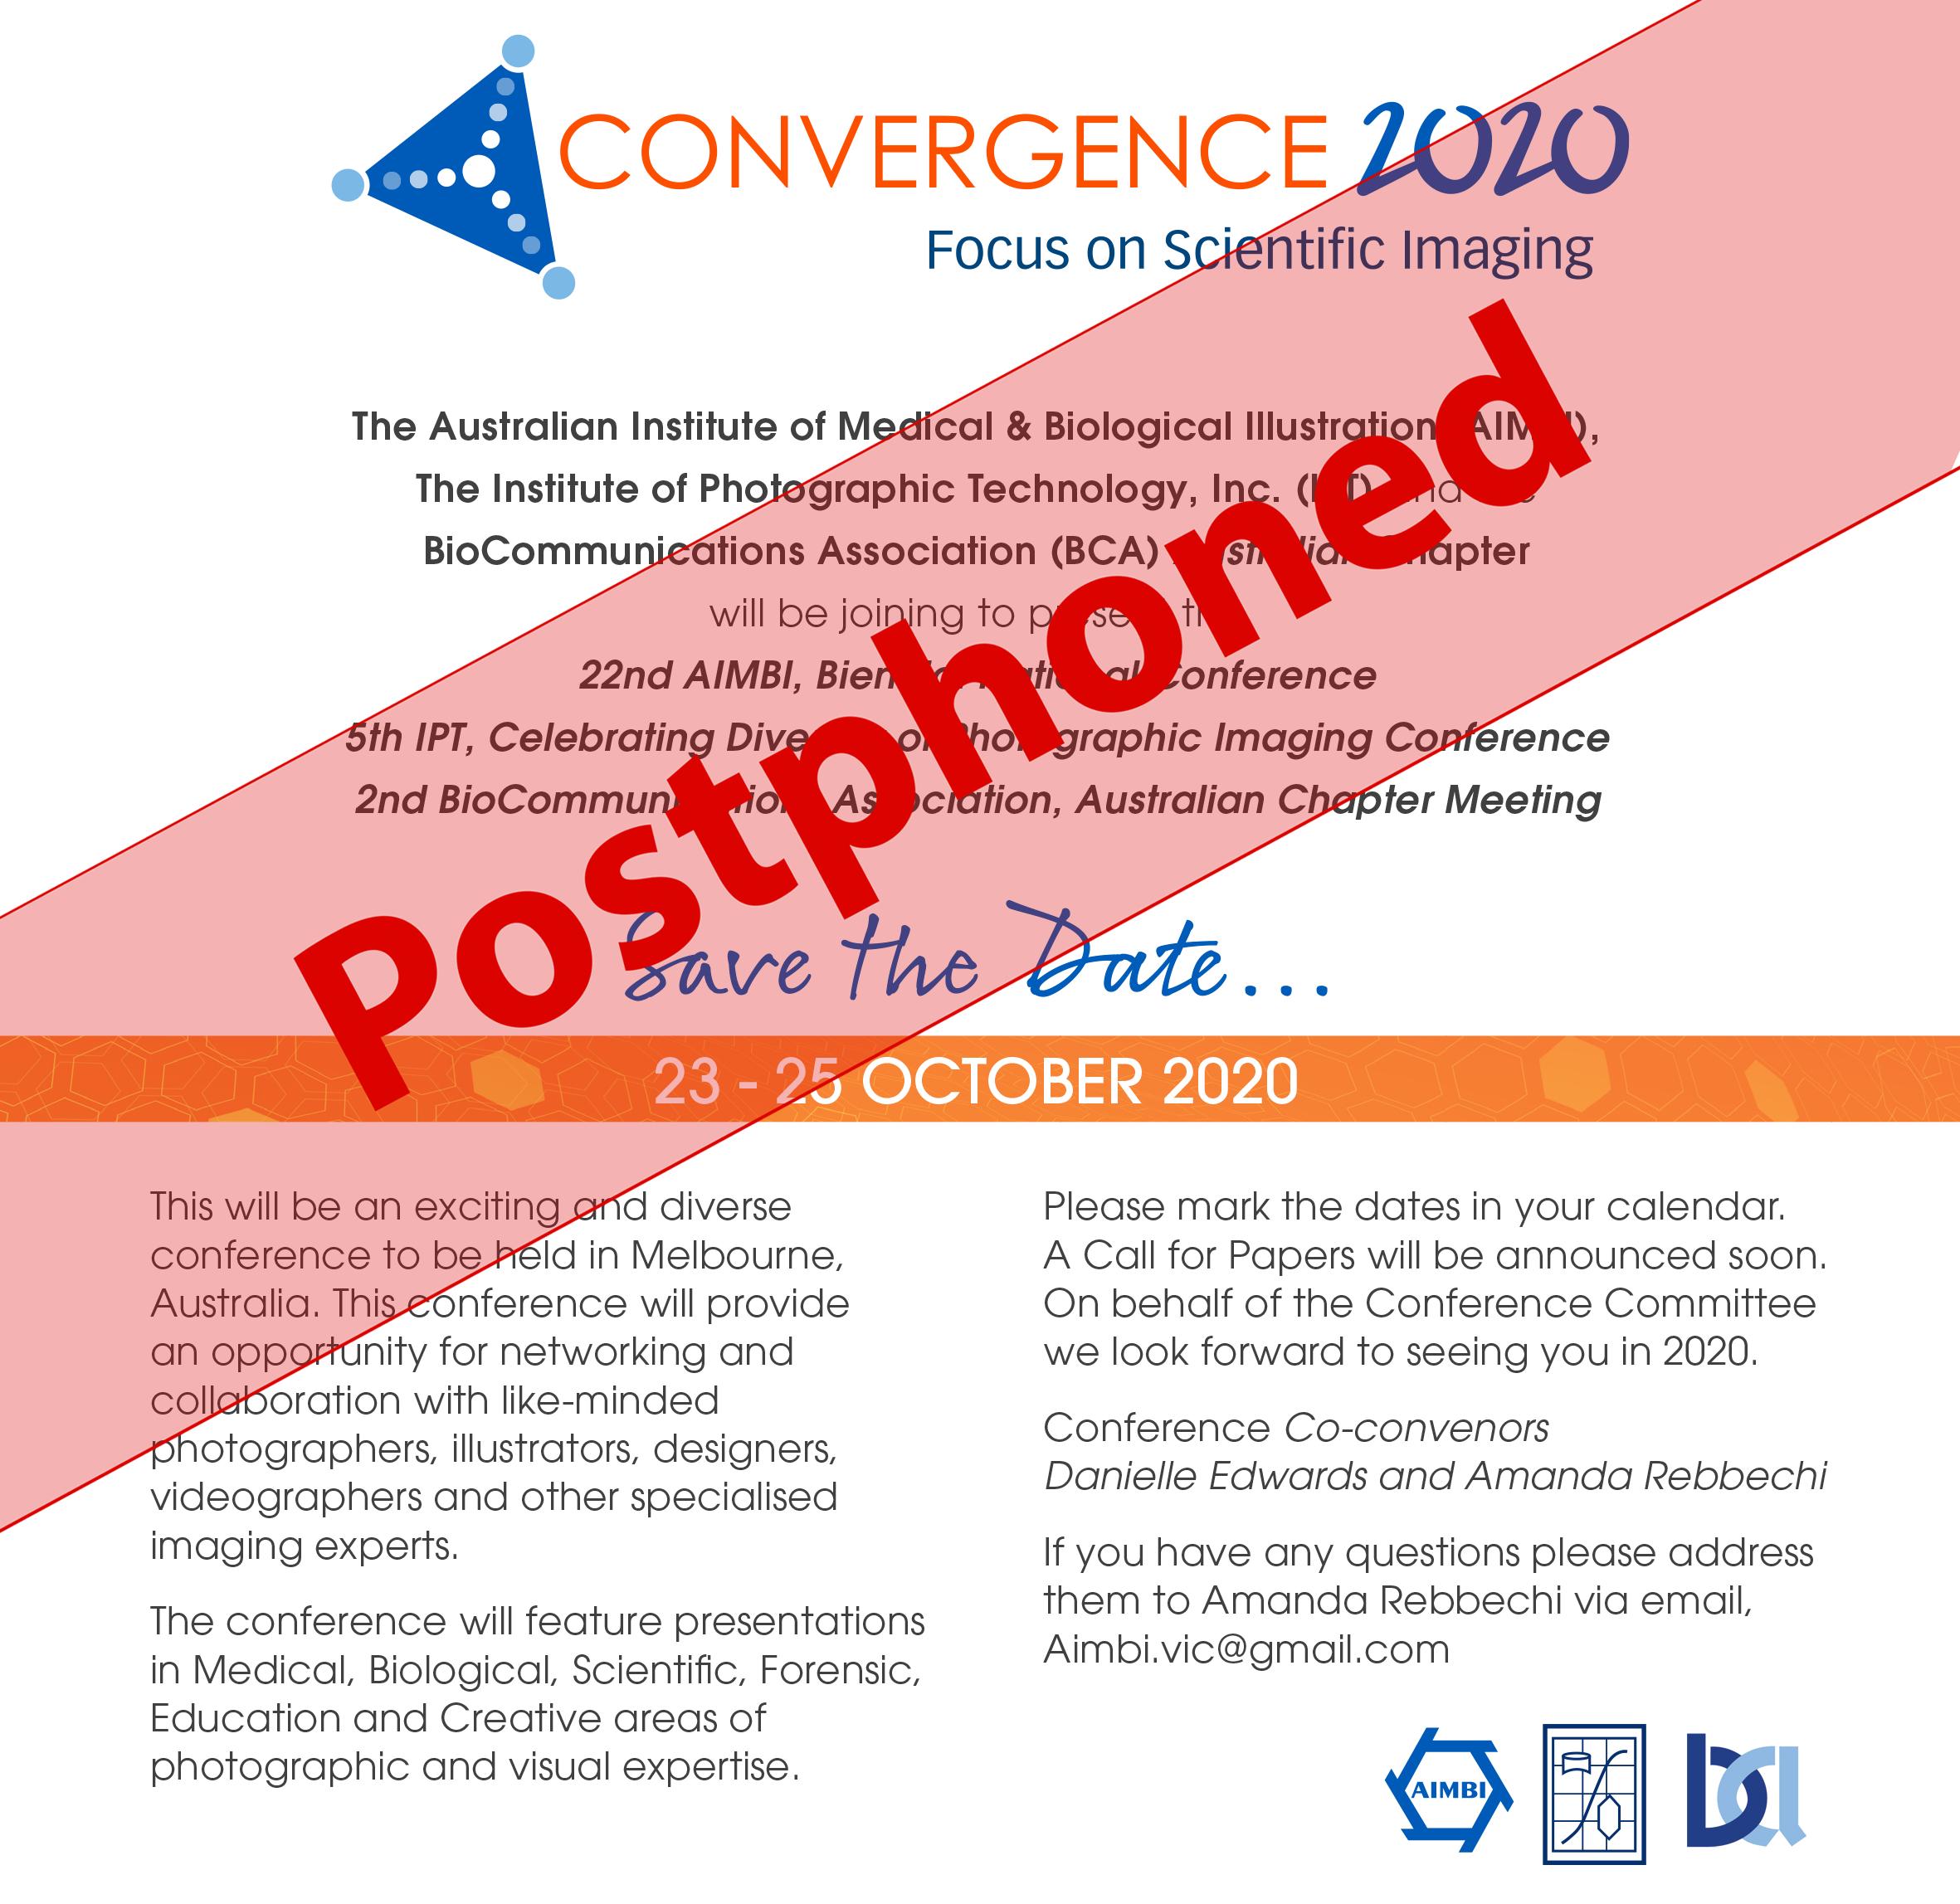 Savethedate-Postponed